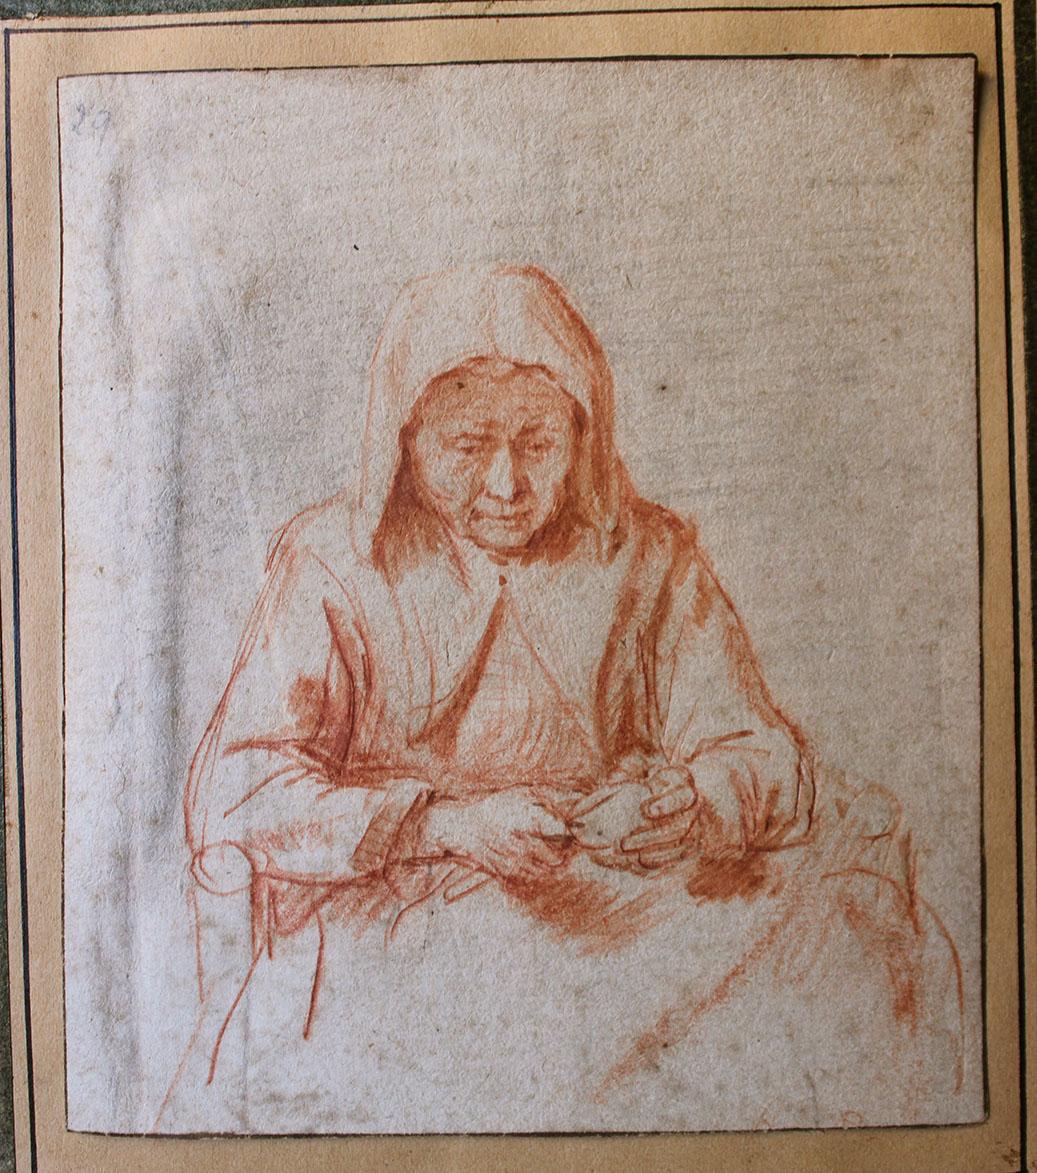 Vieille femme épluchant une pomme. Dessin à la sanguine, 12,5 x 11 cm Annoté « Rembrandt » à la plume au verso.